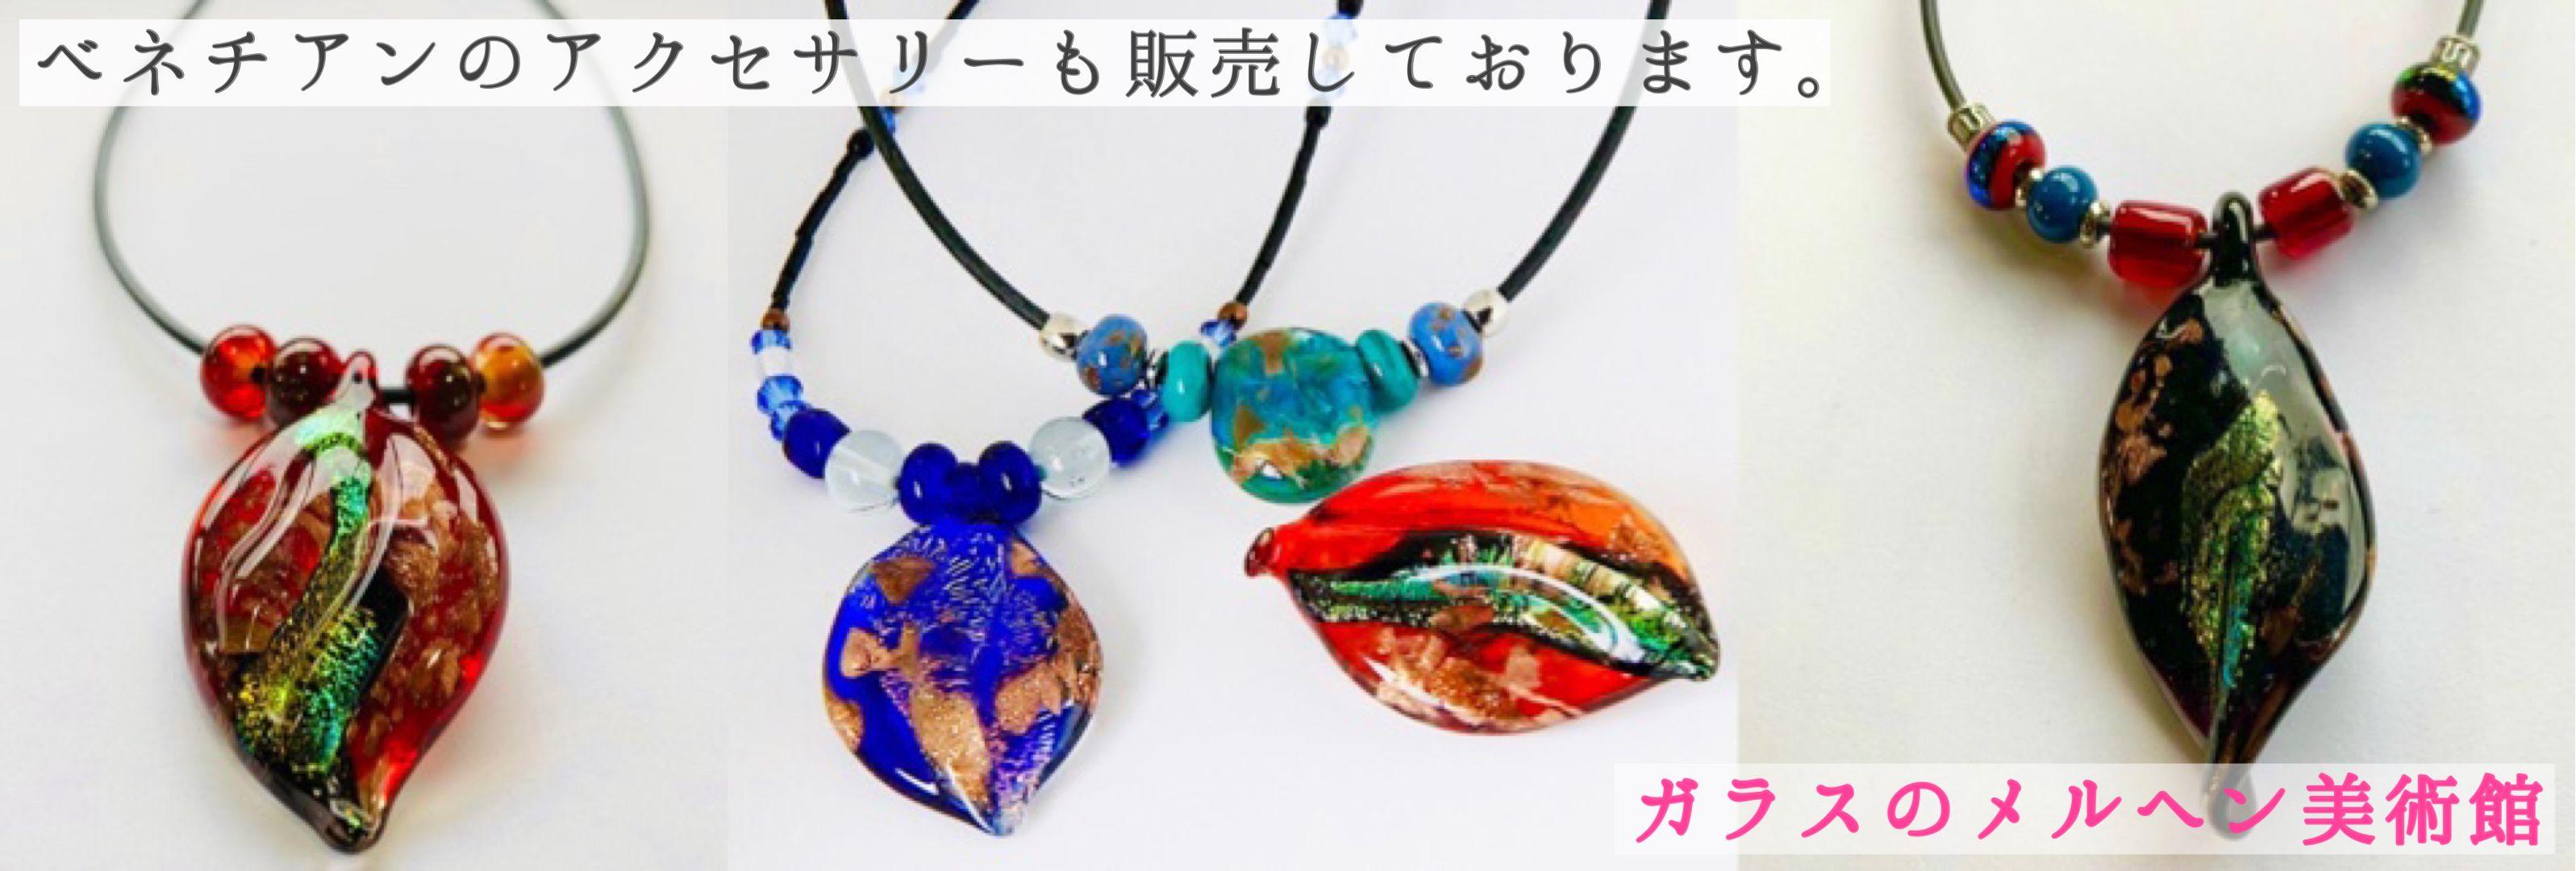 新潟市越前浜にあるガラス細工アーティスト松田尚子のガラスのメルヘン美術館